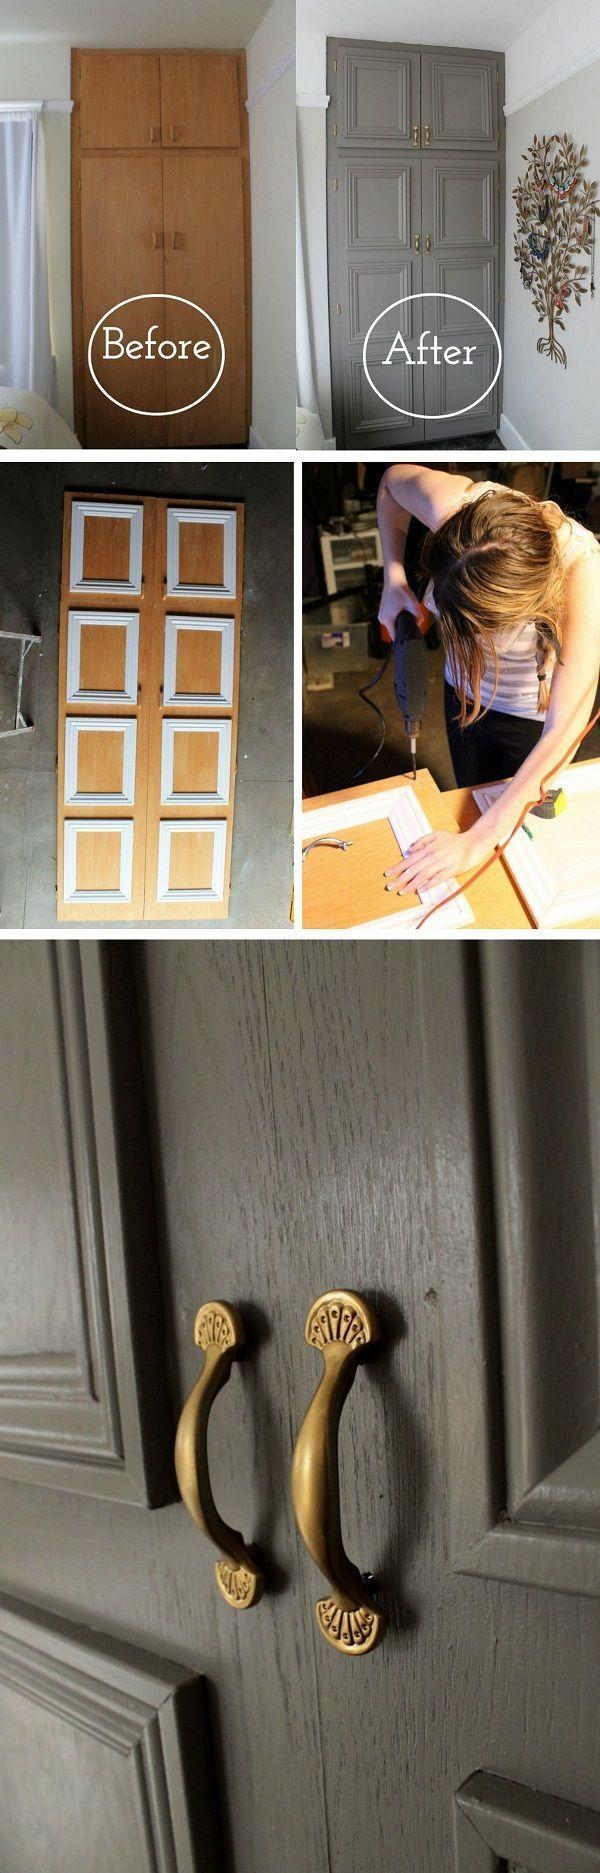 16 einfache DIY-Türprojekte für erstaunliche Wohnkultur zu einem günstigen Preis